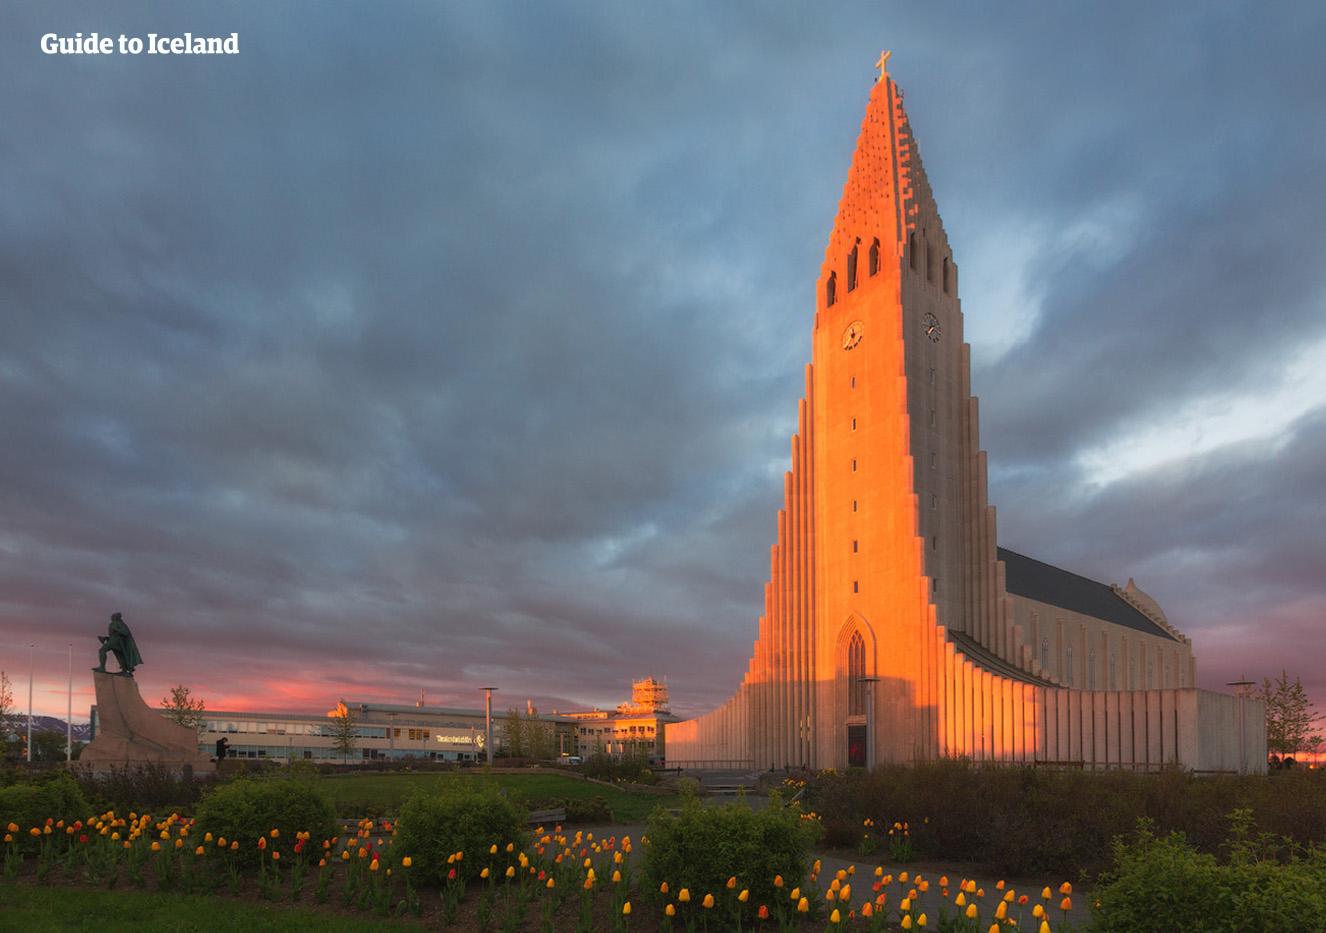 Aprovecha el sol de medianoche y visita algunos de los restaurantes, cafés y bares de Reikiavik por la noche.